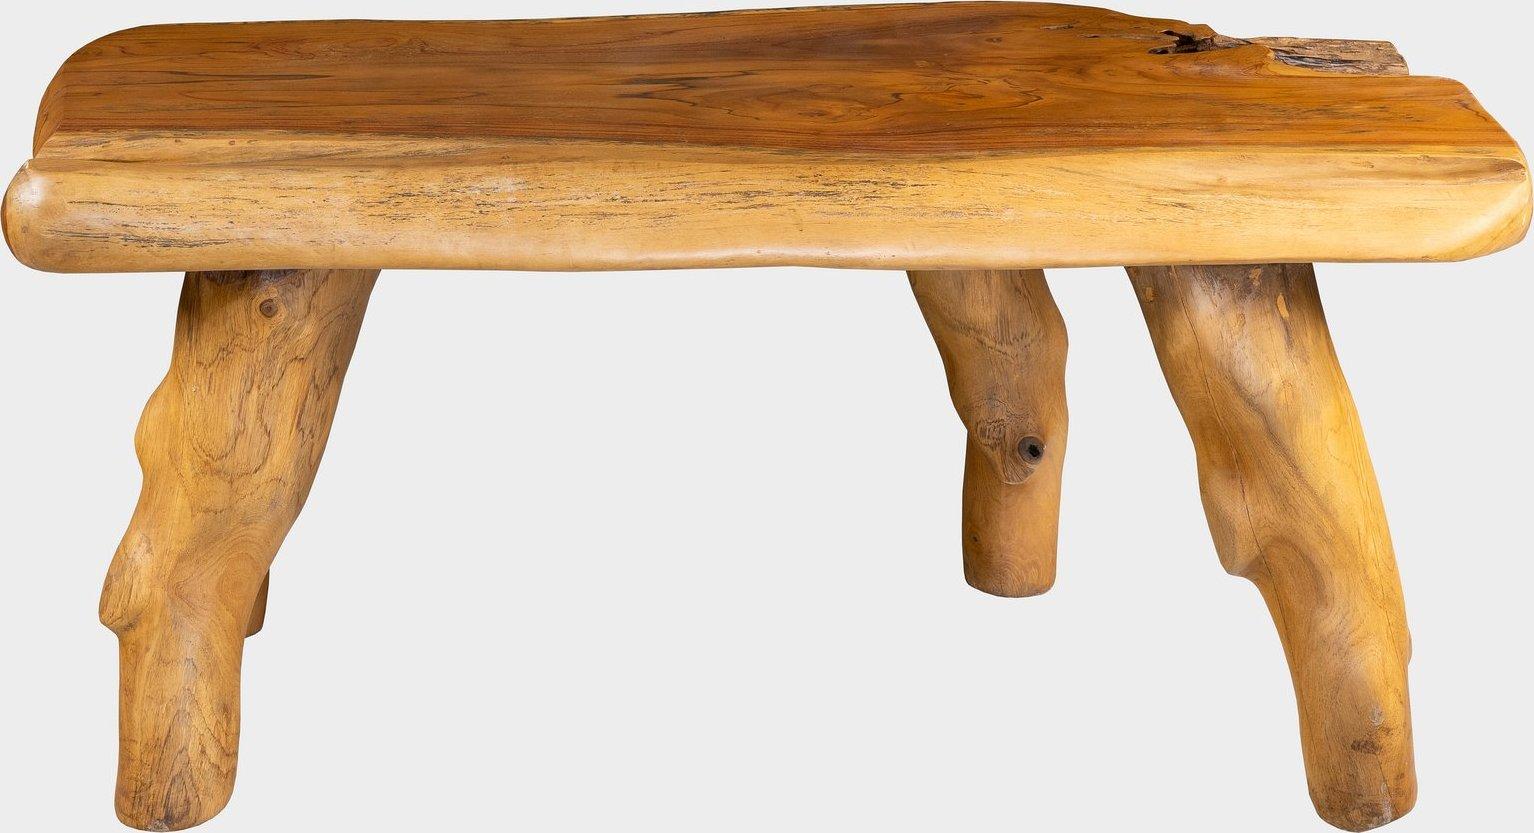 FaKOPA Unikátní lavice na zahradu nebo do interieru z kořene teaku